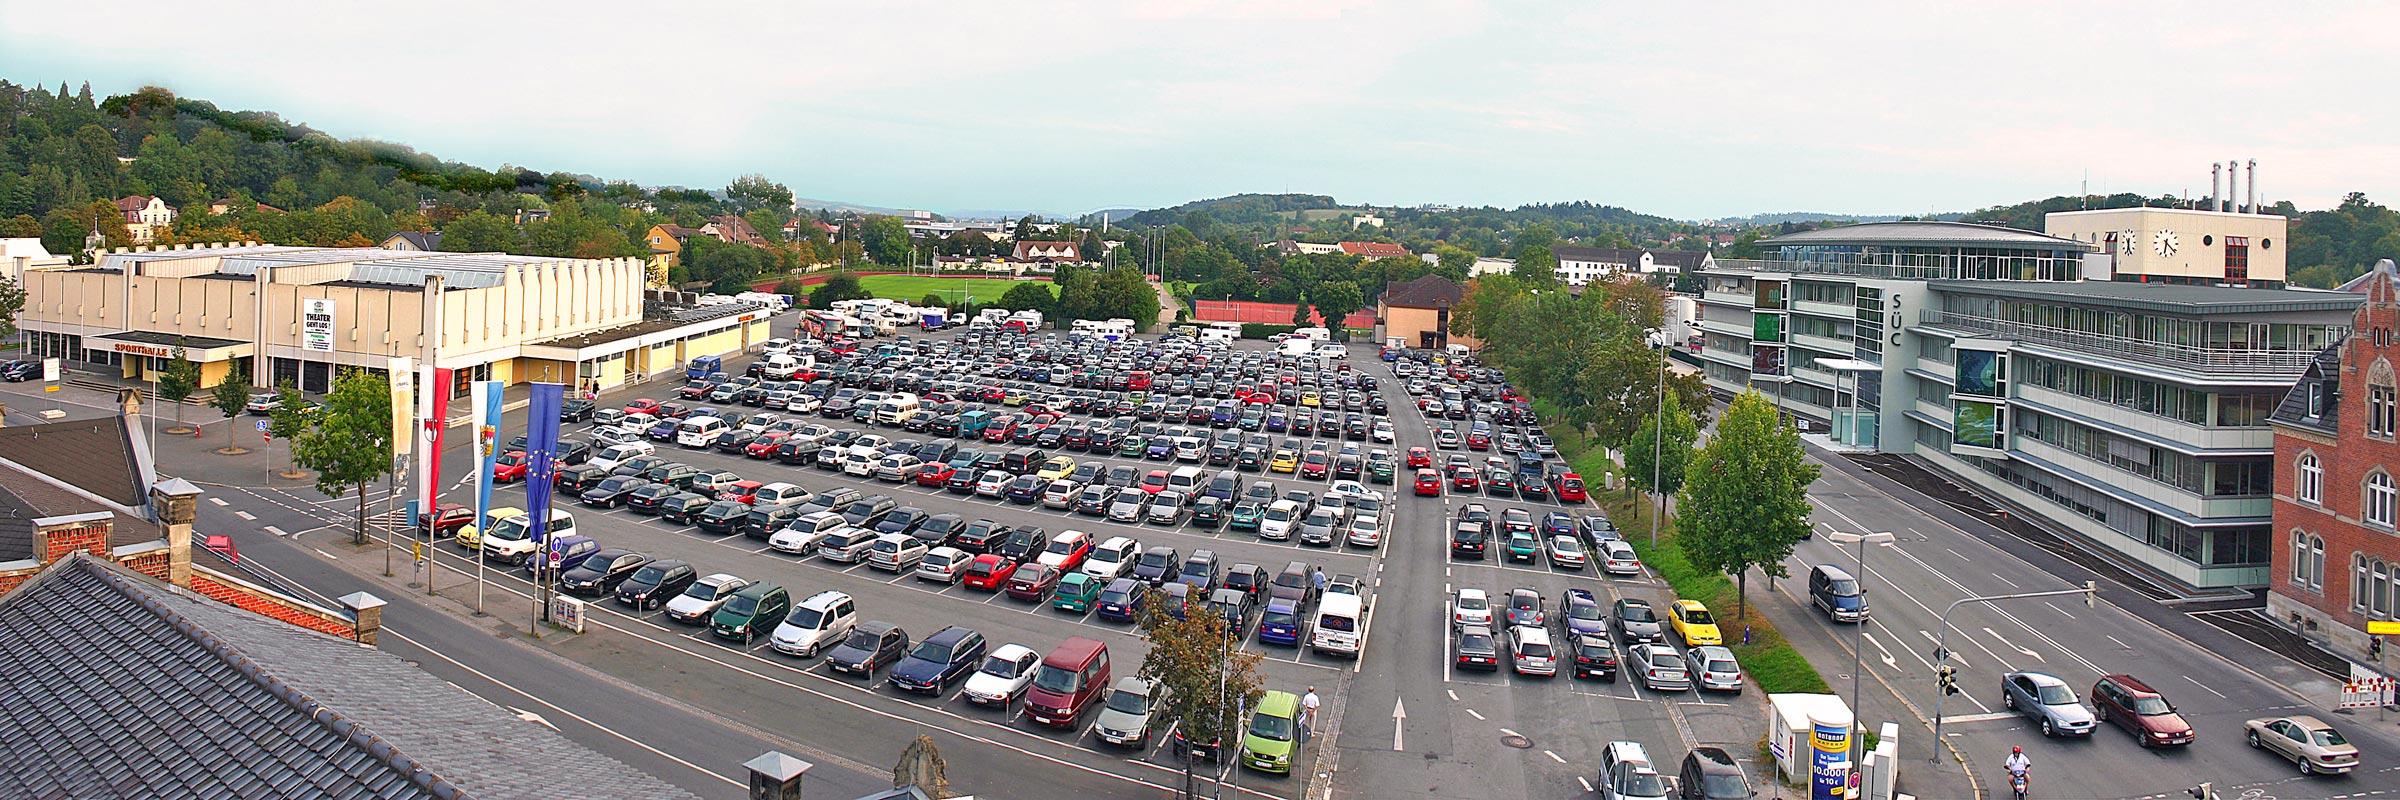 banner_parkplatz-anger